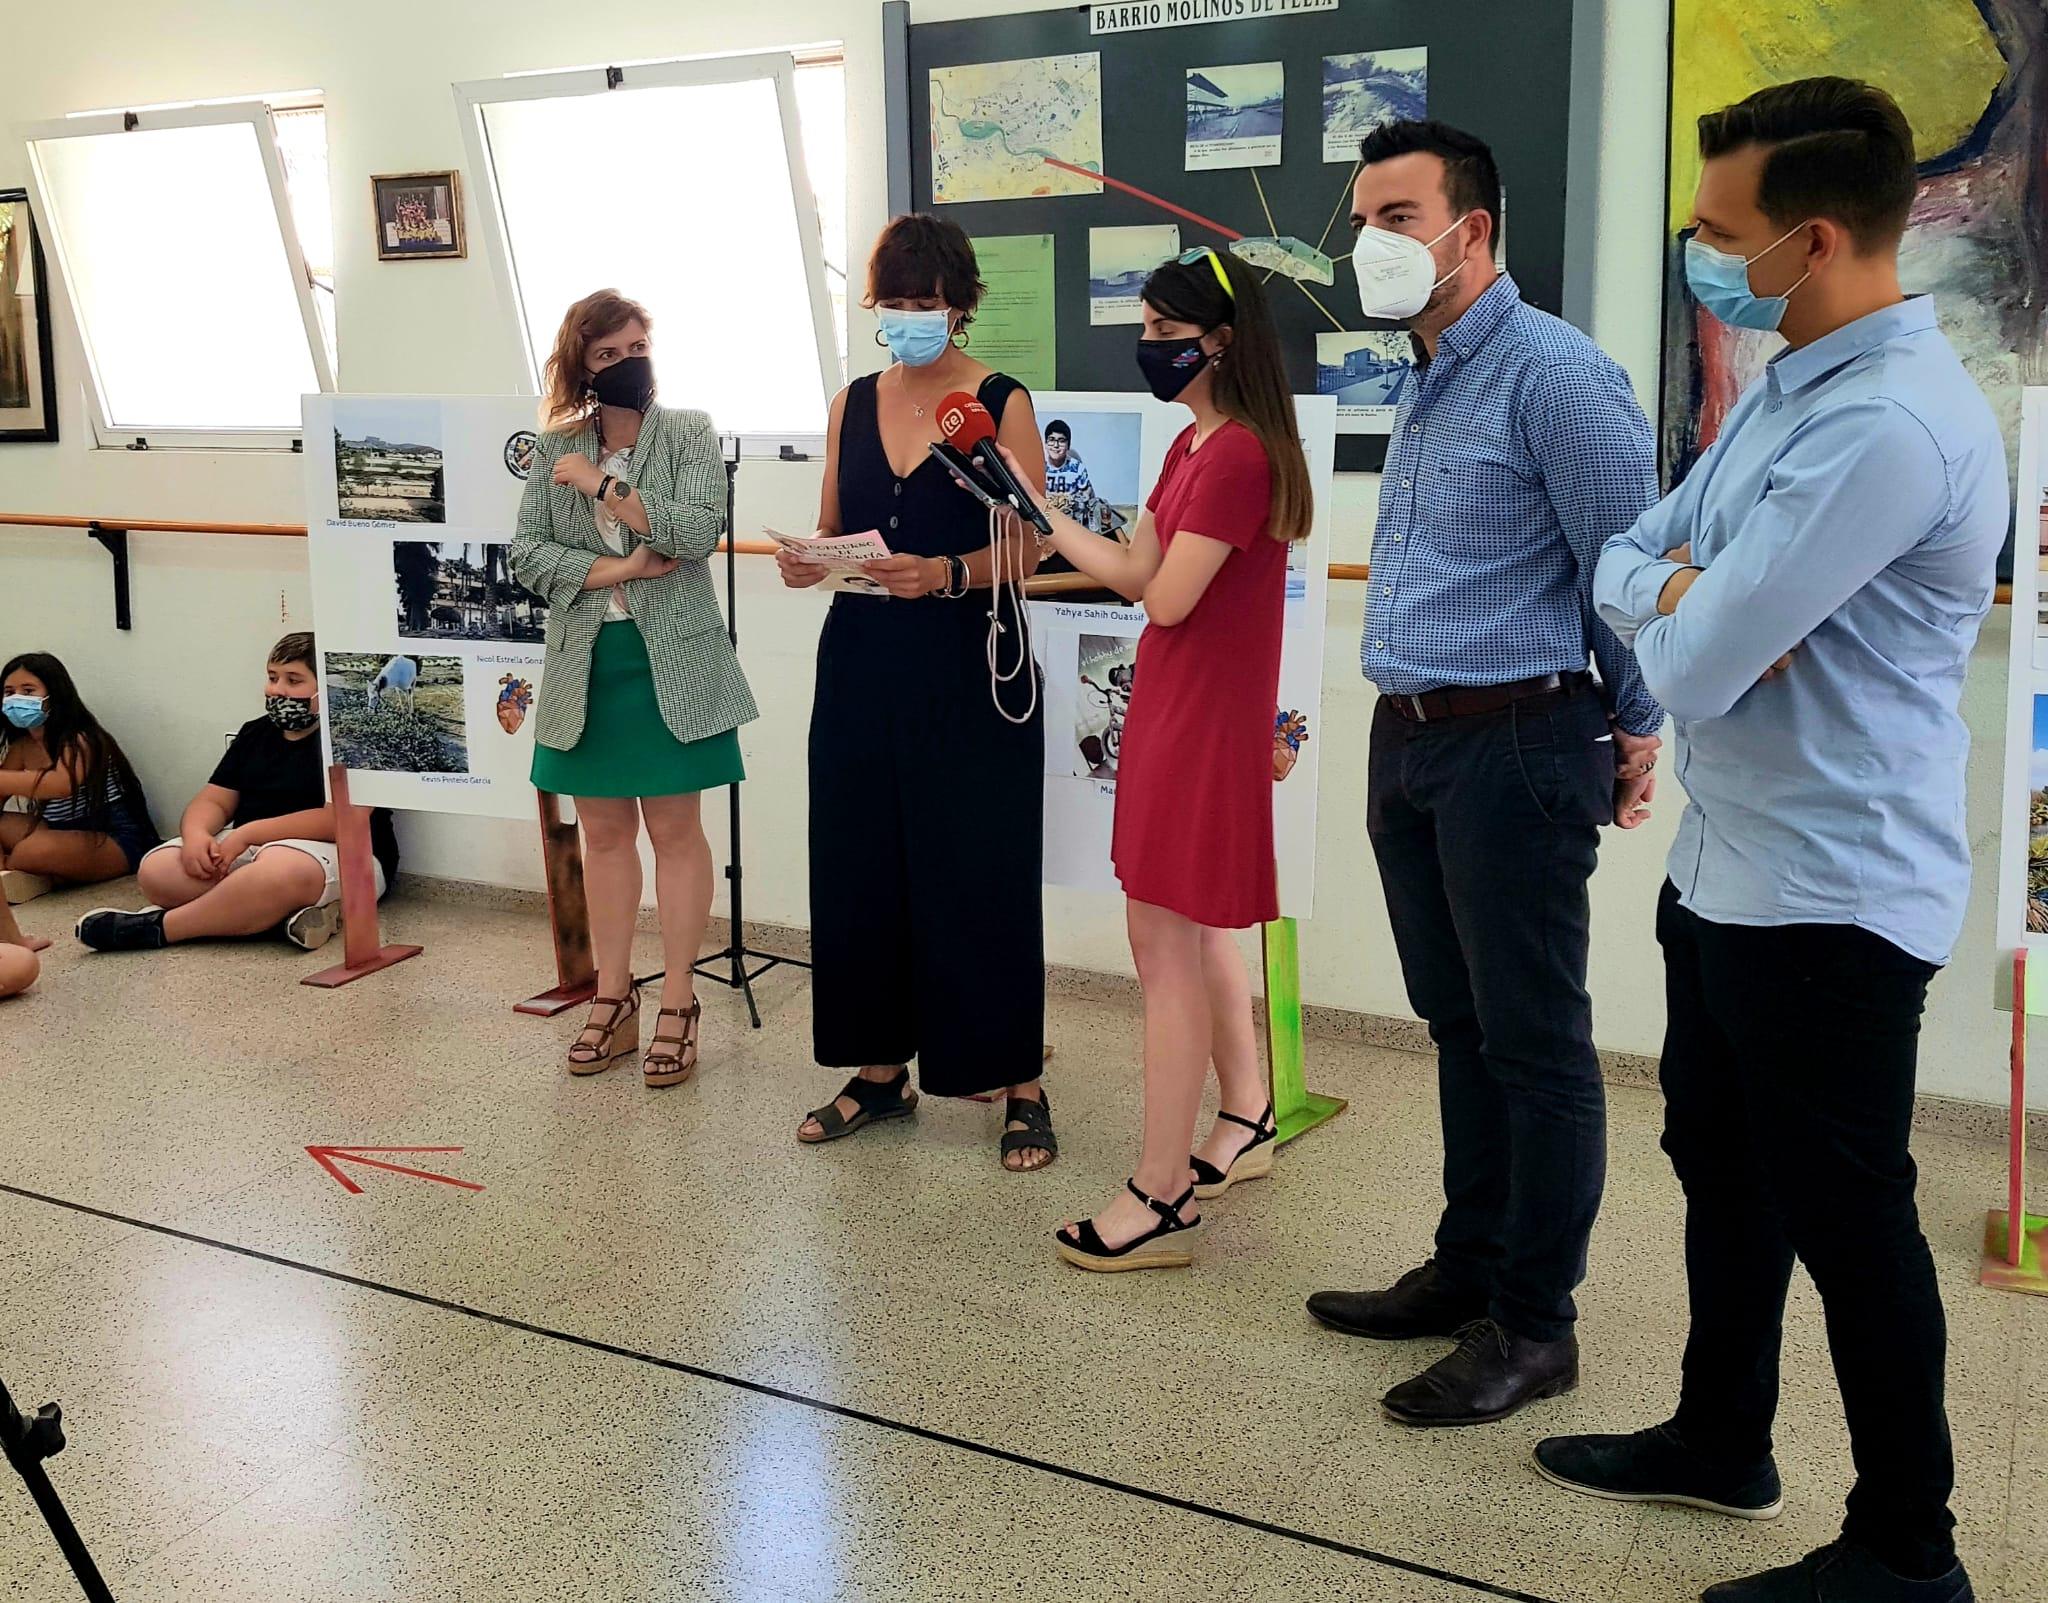 Los alumnos y alumnas del CP Miguel Servet que ha participado en el I Concurso de Fotografía organizado por el centro reciben sus premios